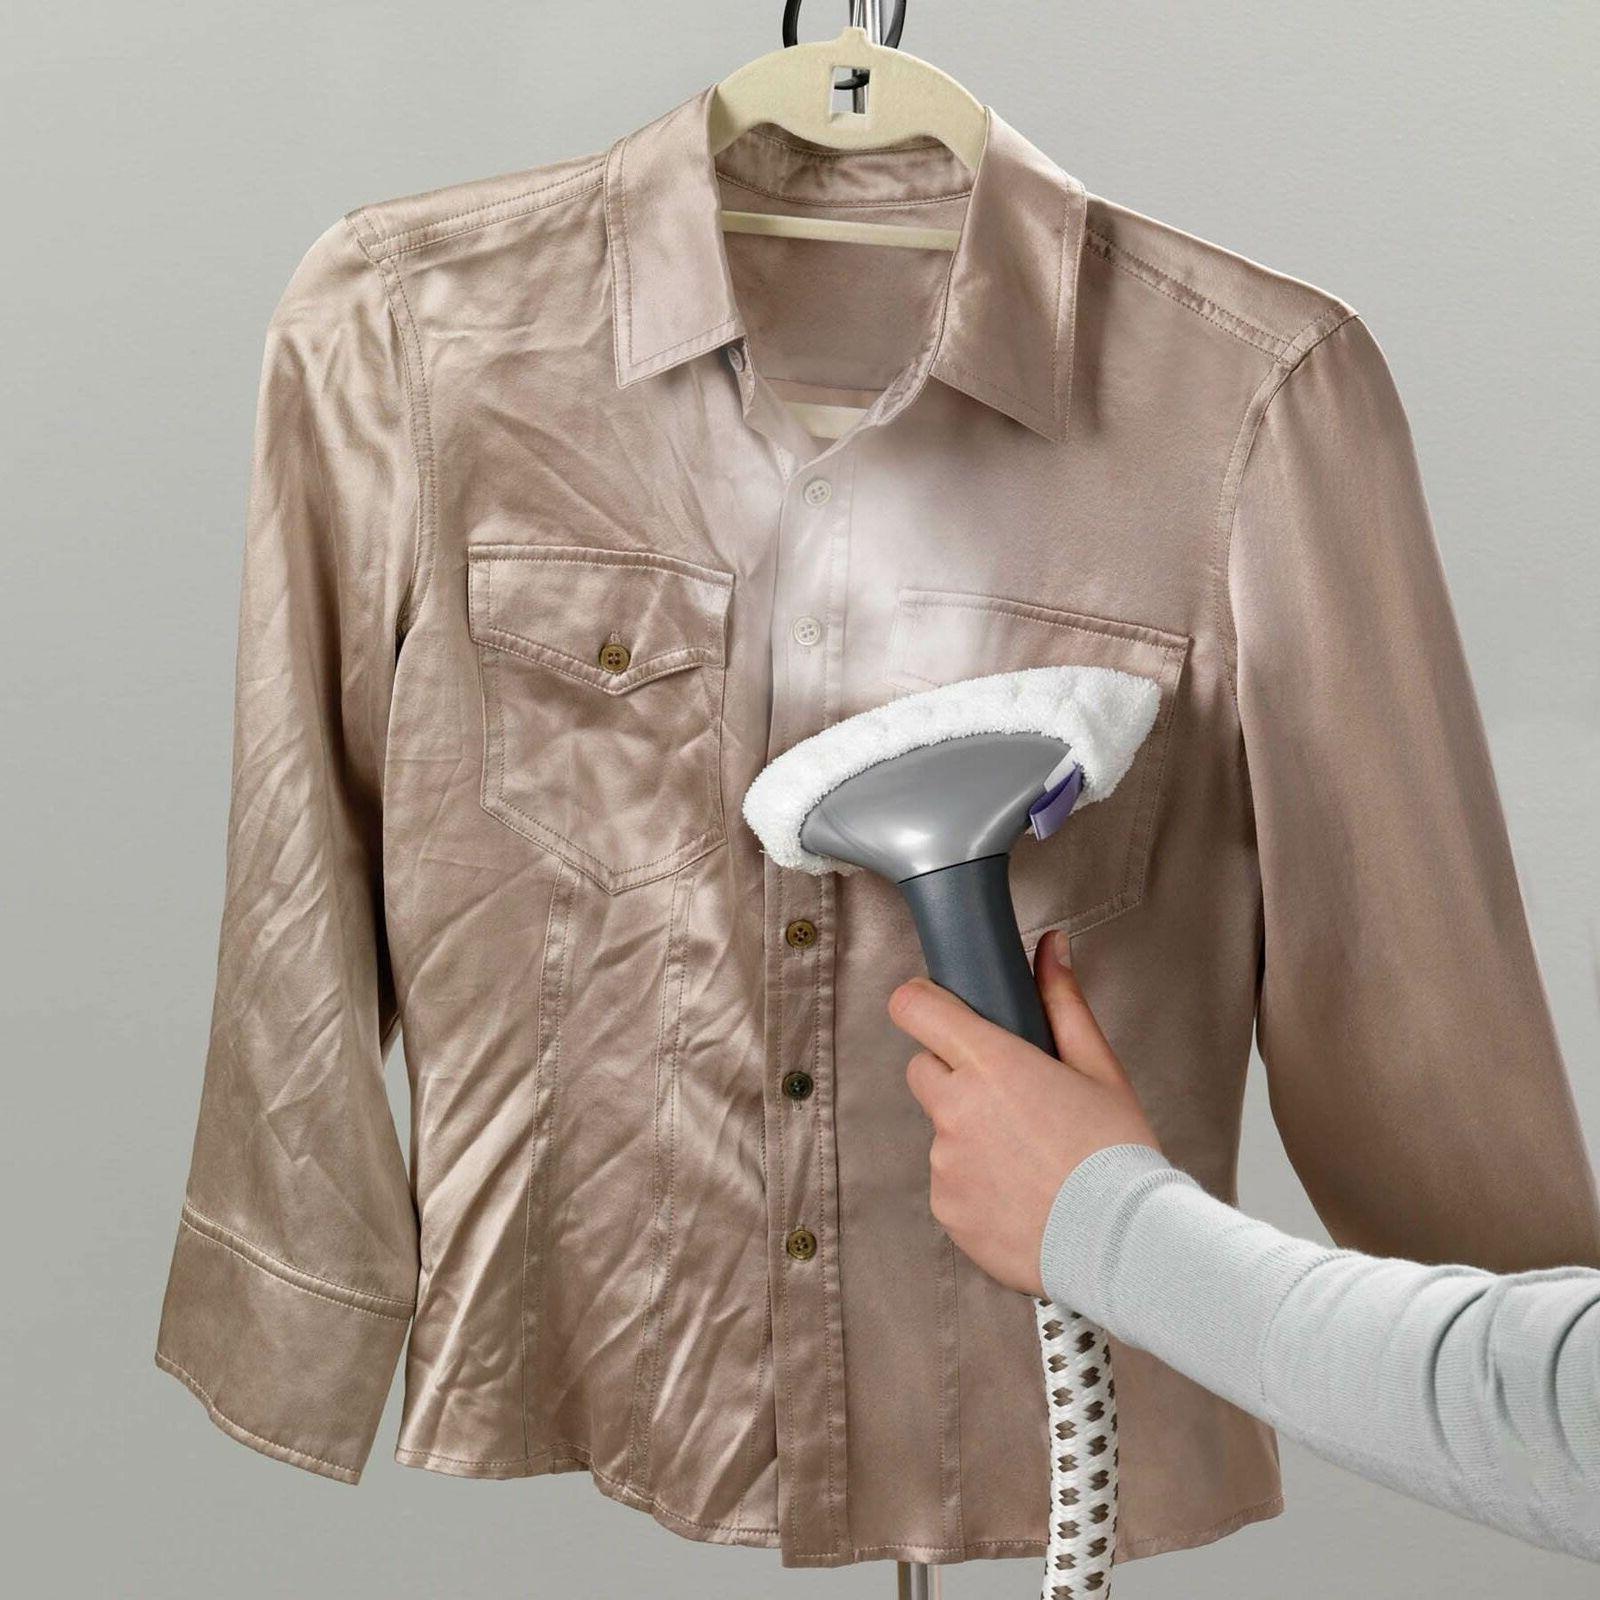 Shark Garment Clothes Steamer